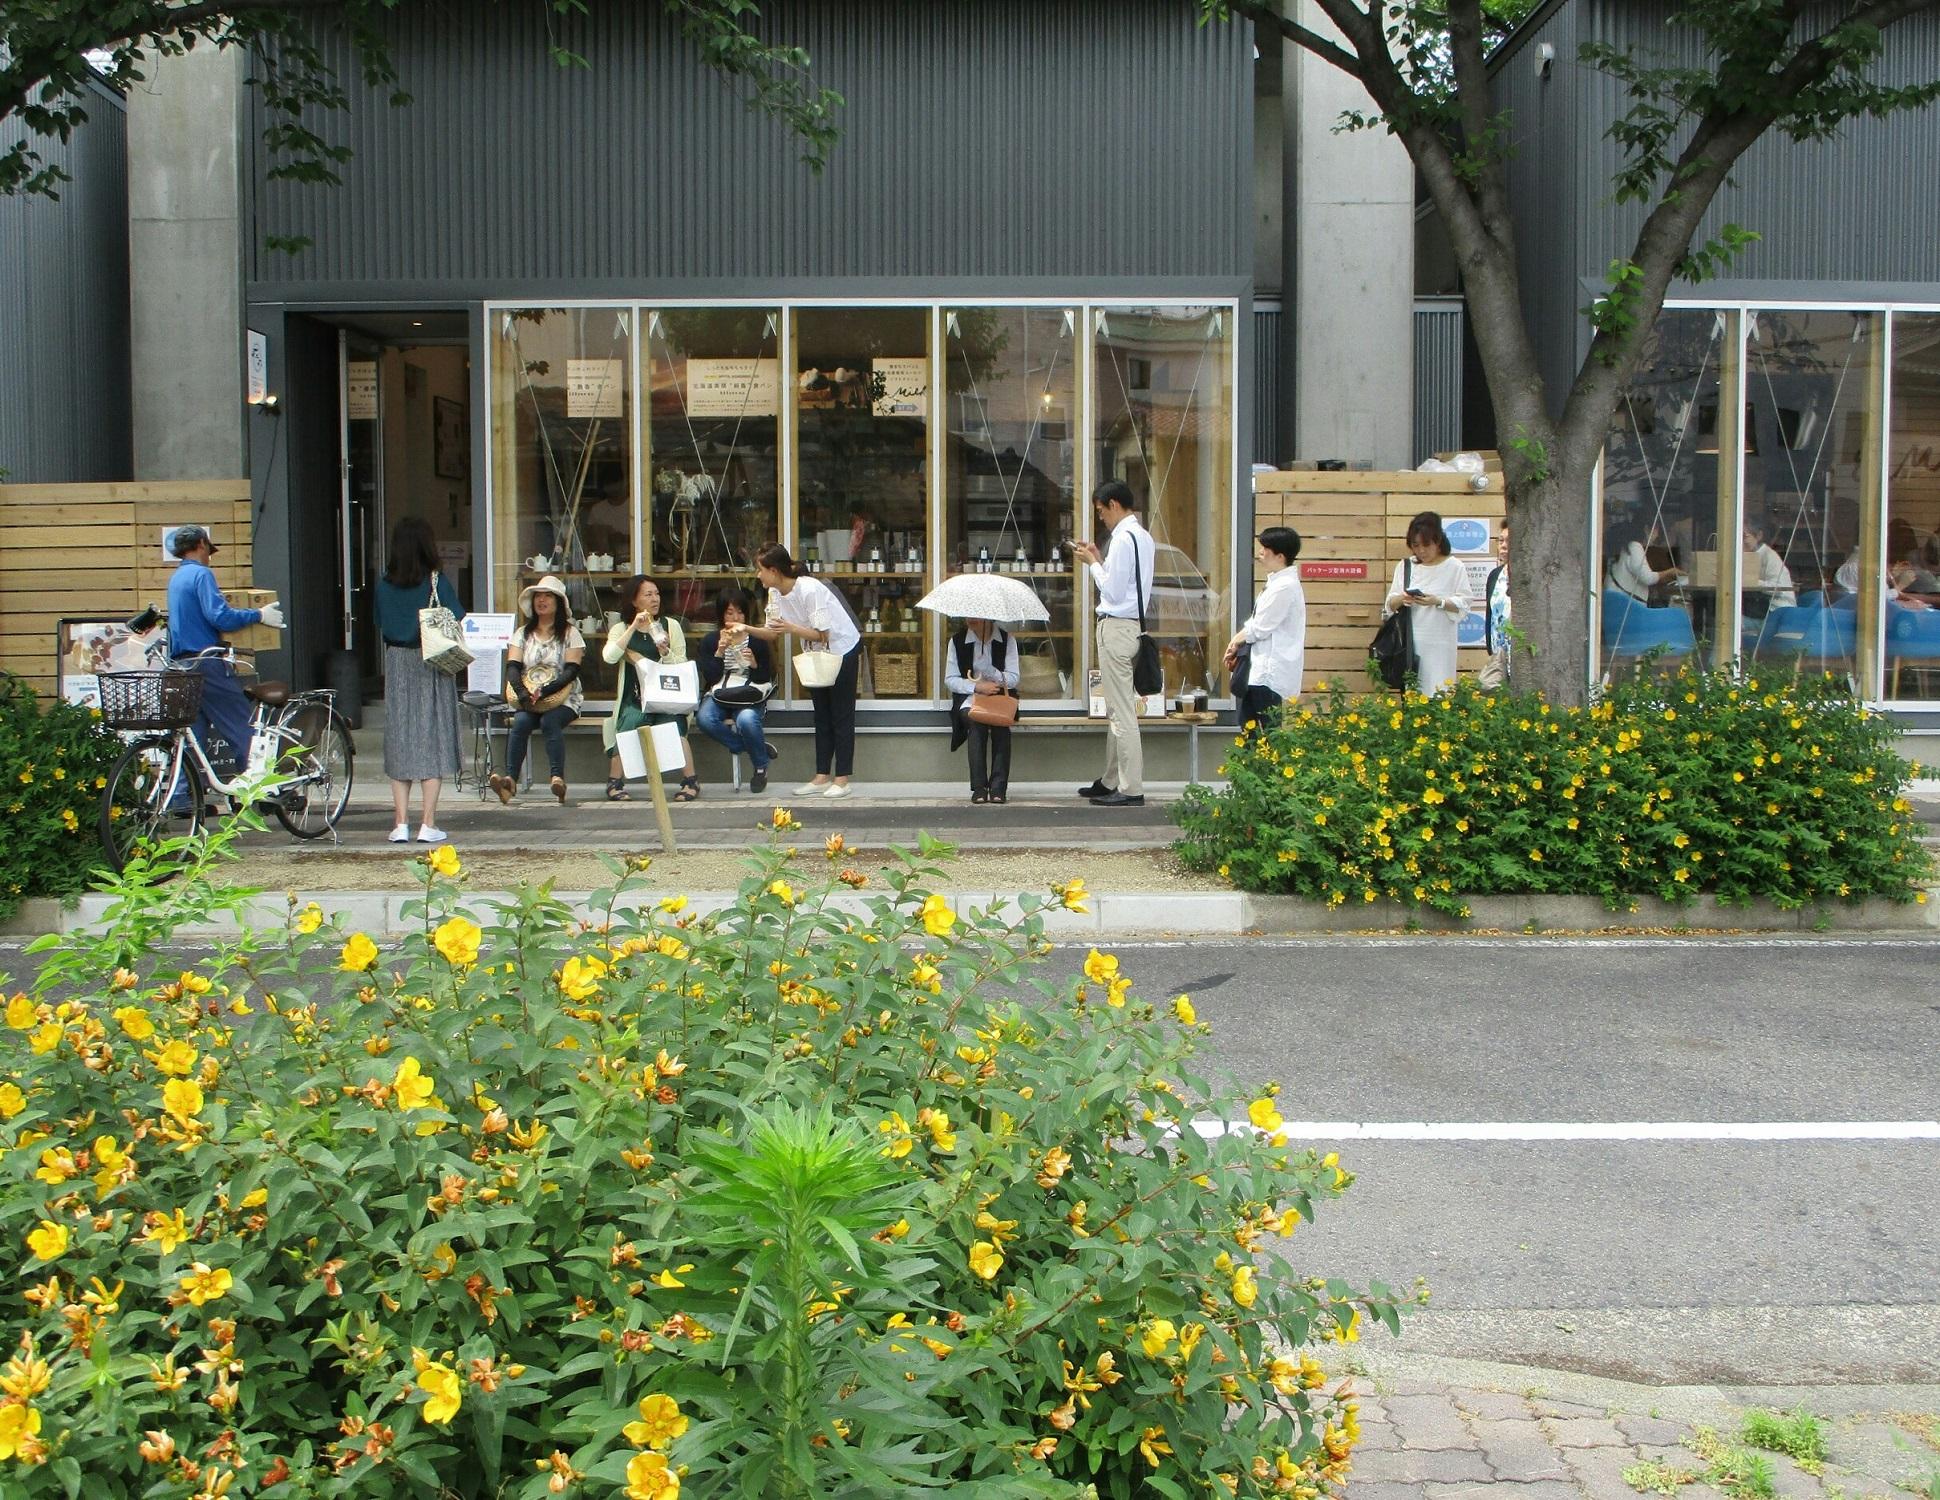 2019.6.4 (34) さくまち商店街 07 つばめパンとミルク 1940-1500